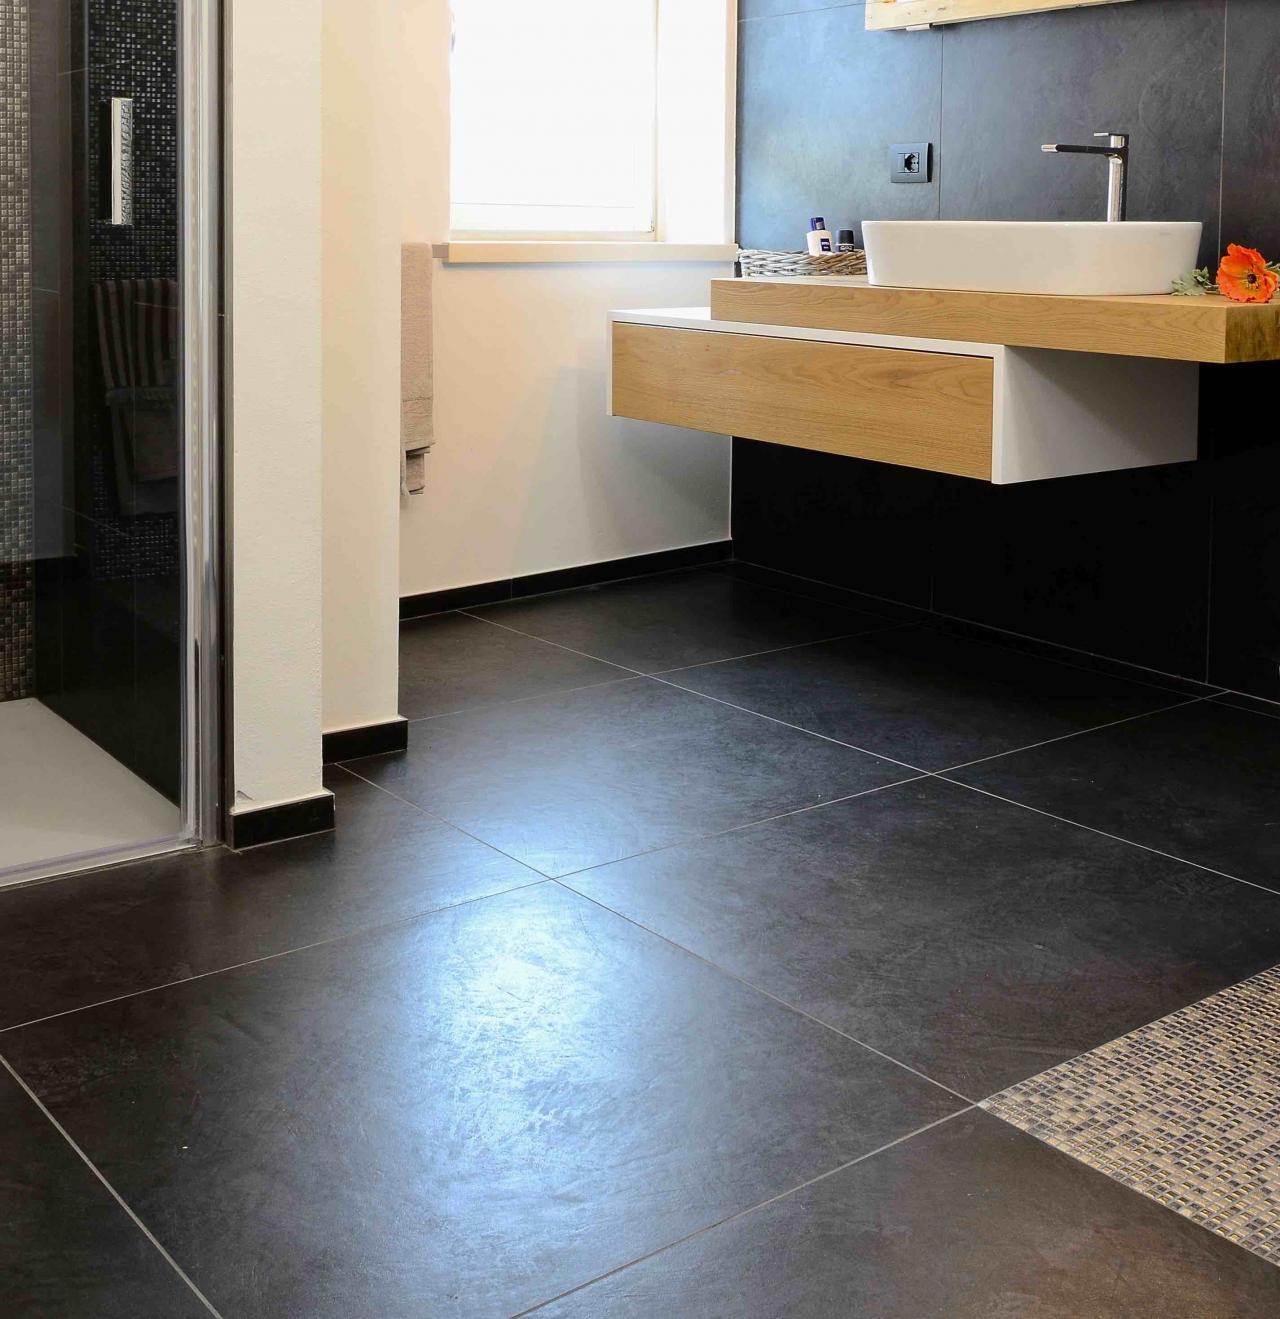 Pavimenti chiari o scuri criteri per la scelta fratelli pellizzari - Mettere piastrelle bagno ...